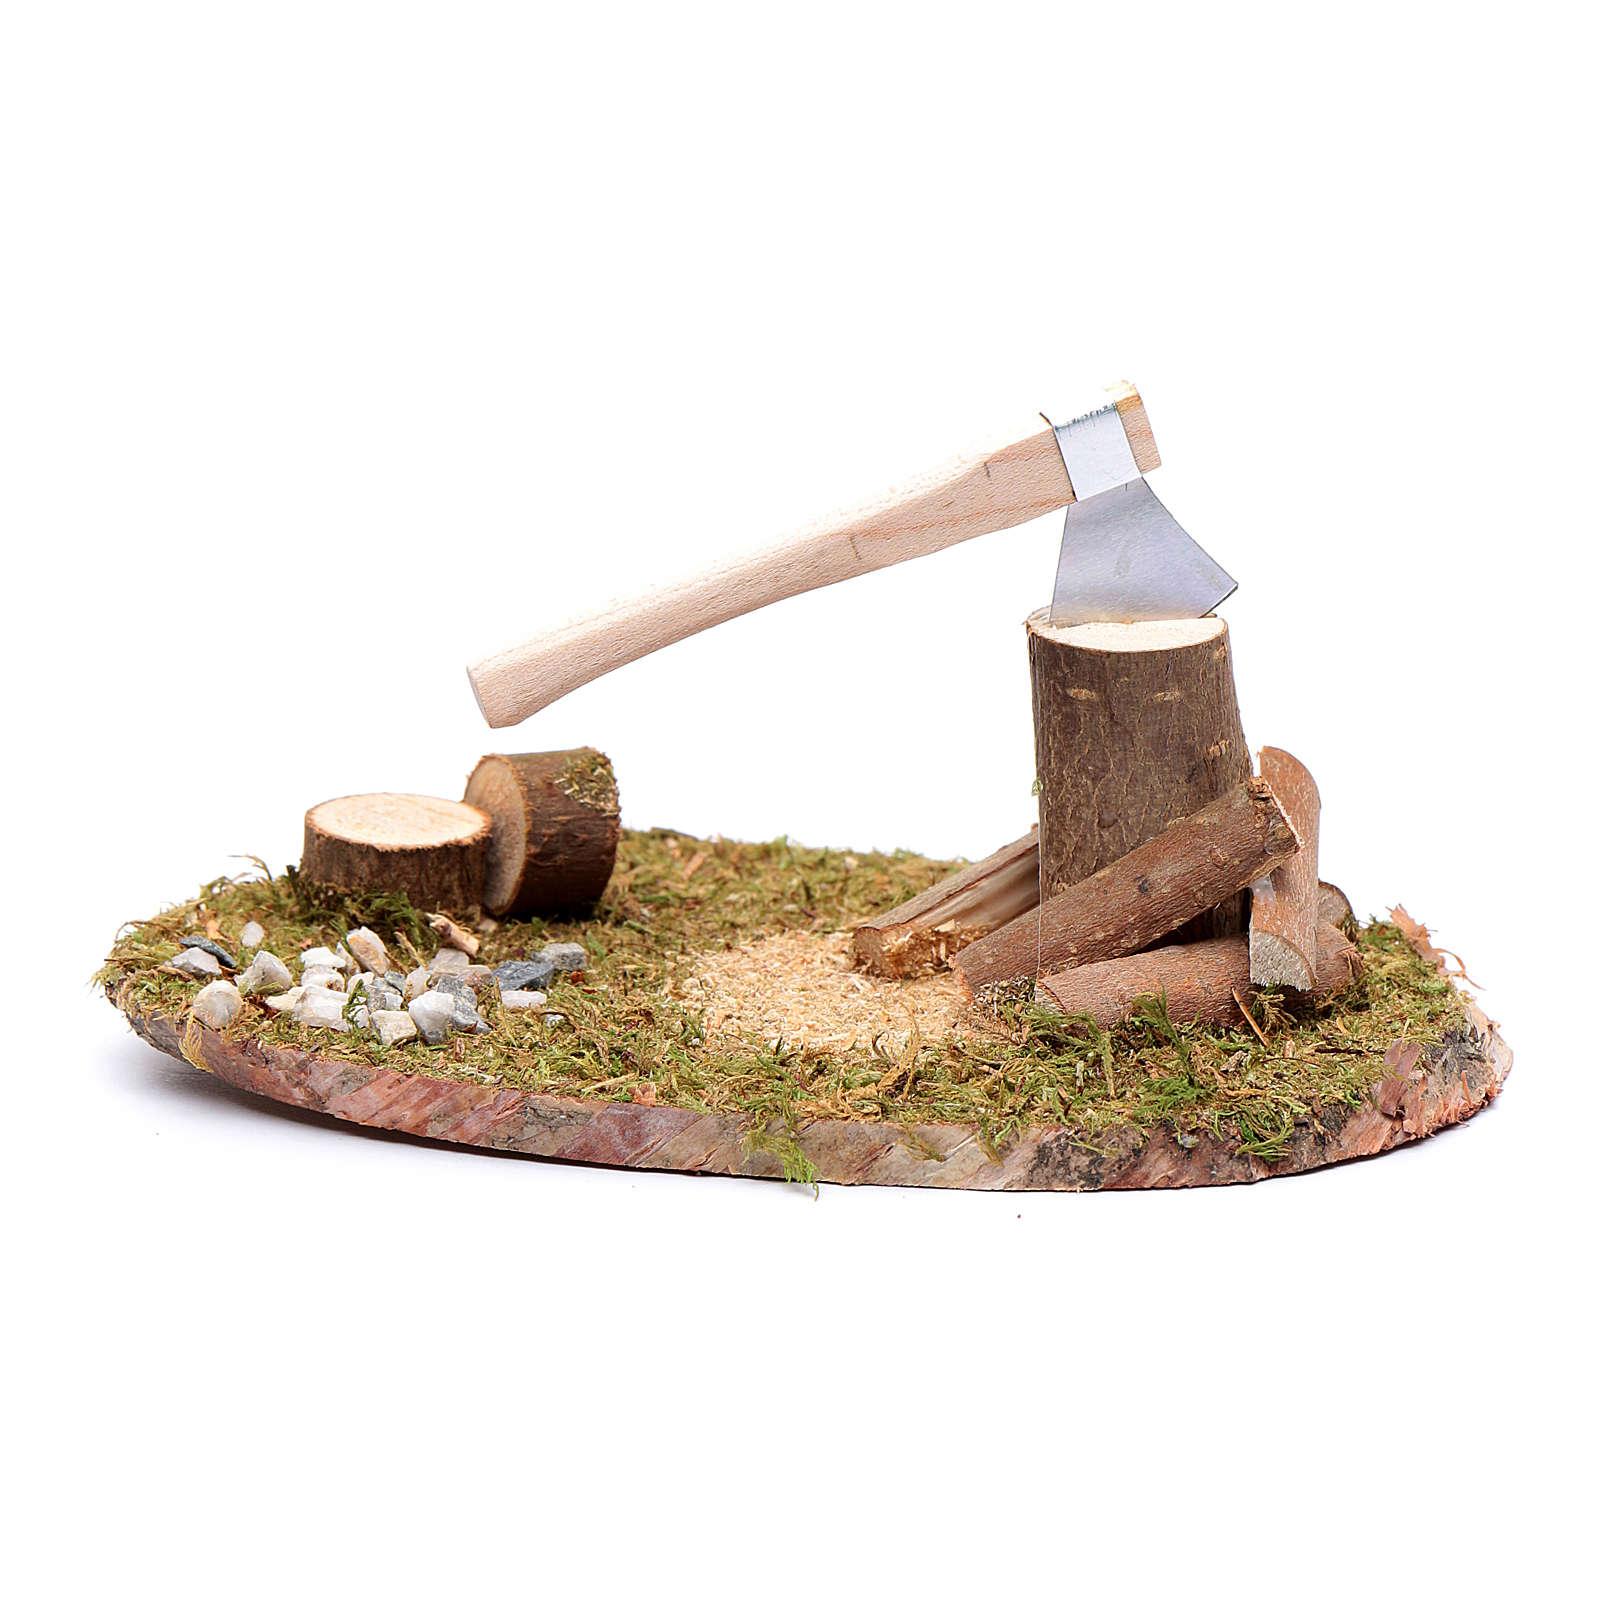 Ambientazione momento taglio di tronchi con ascia 4